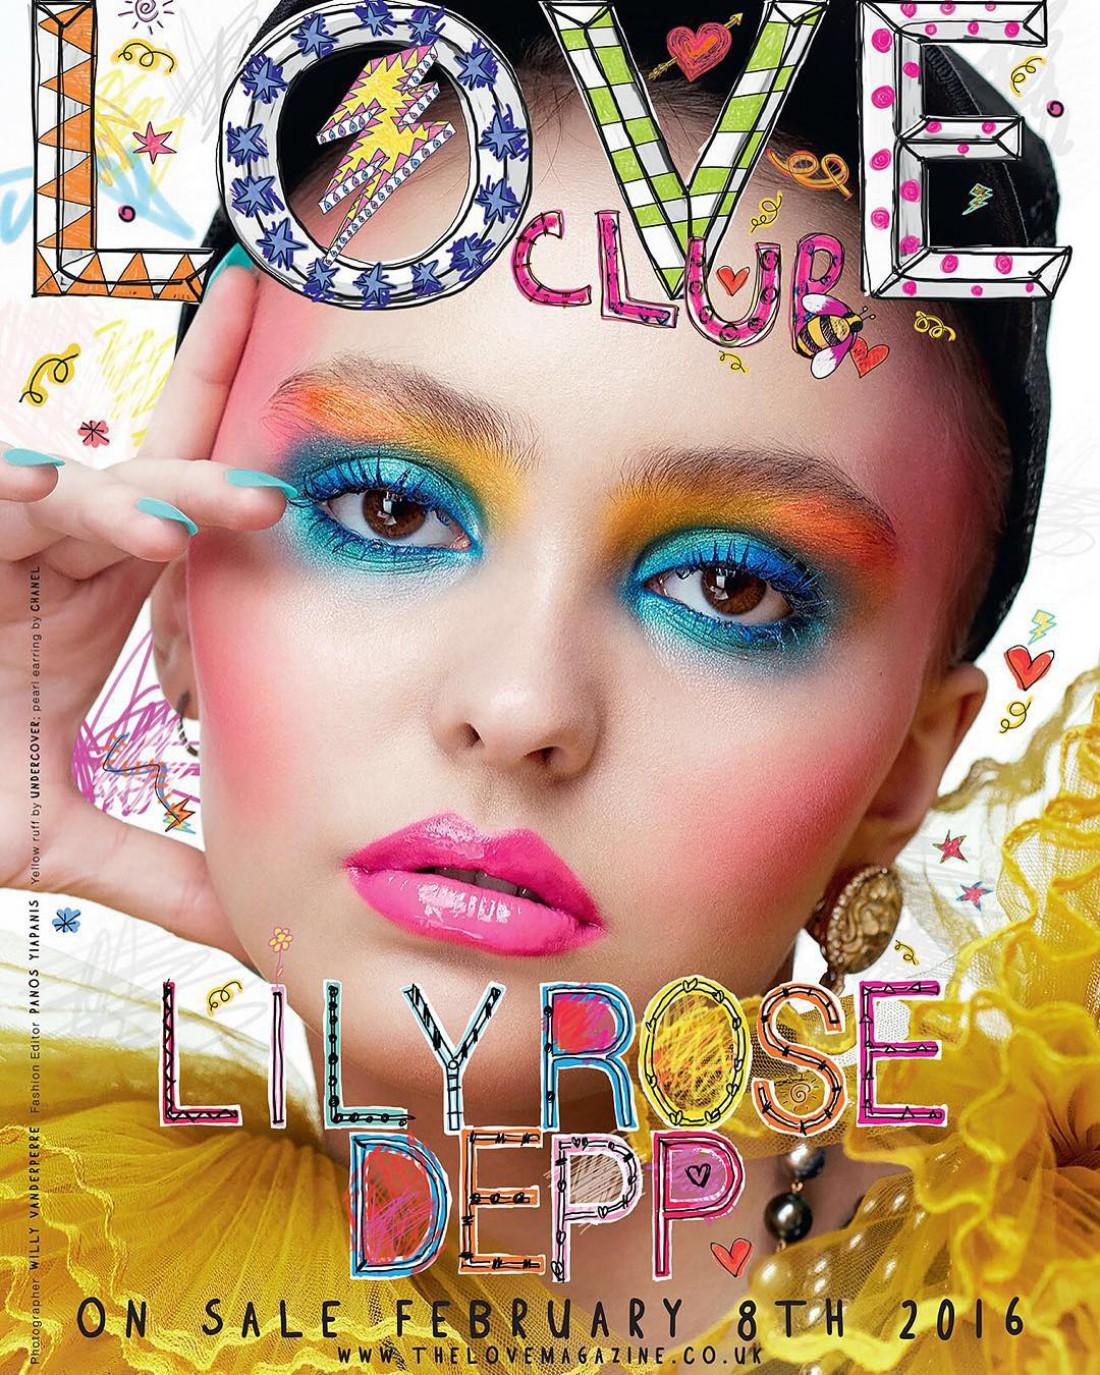 Лили-Роуз Депп на обложке британского издания